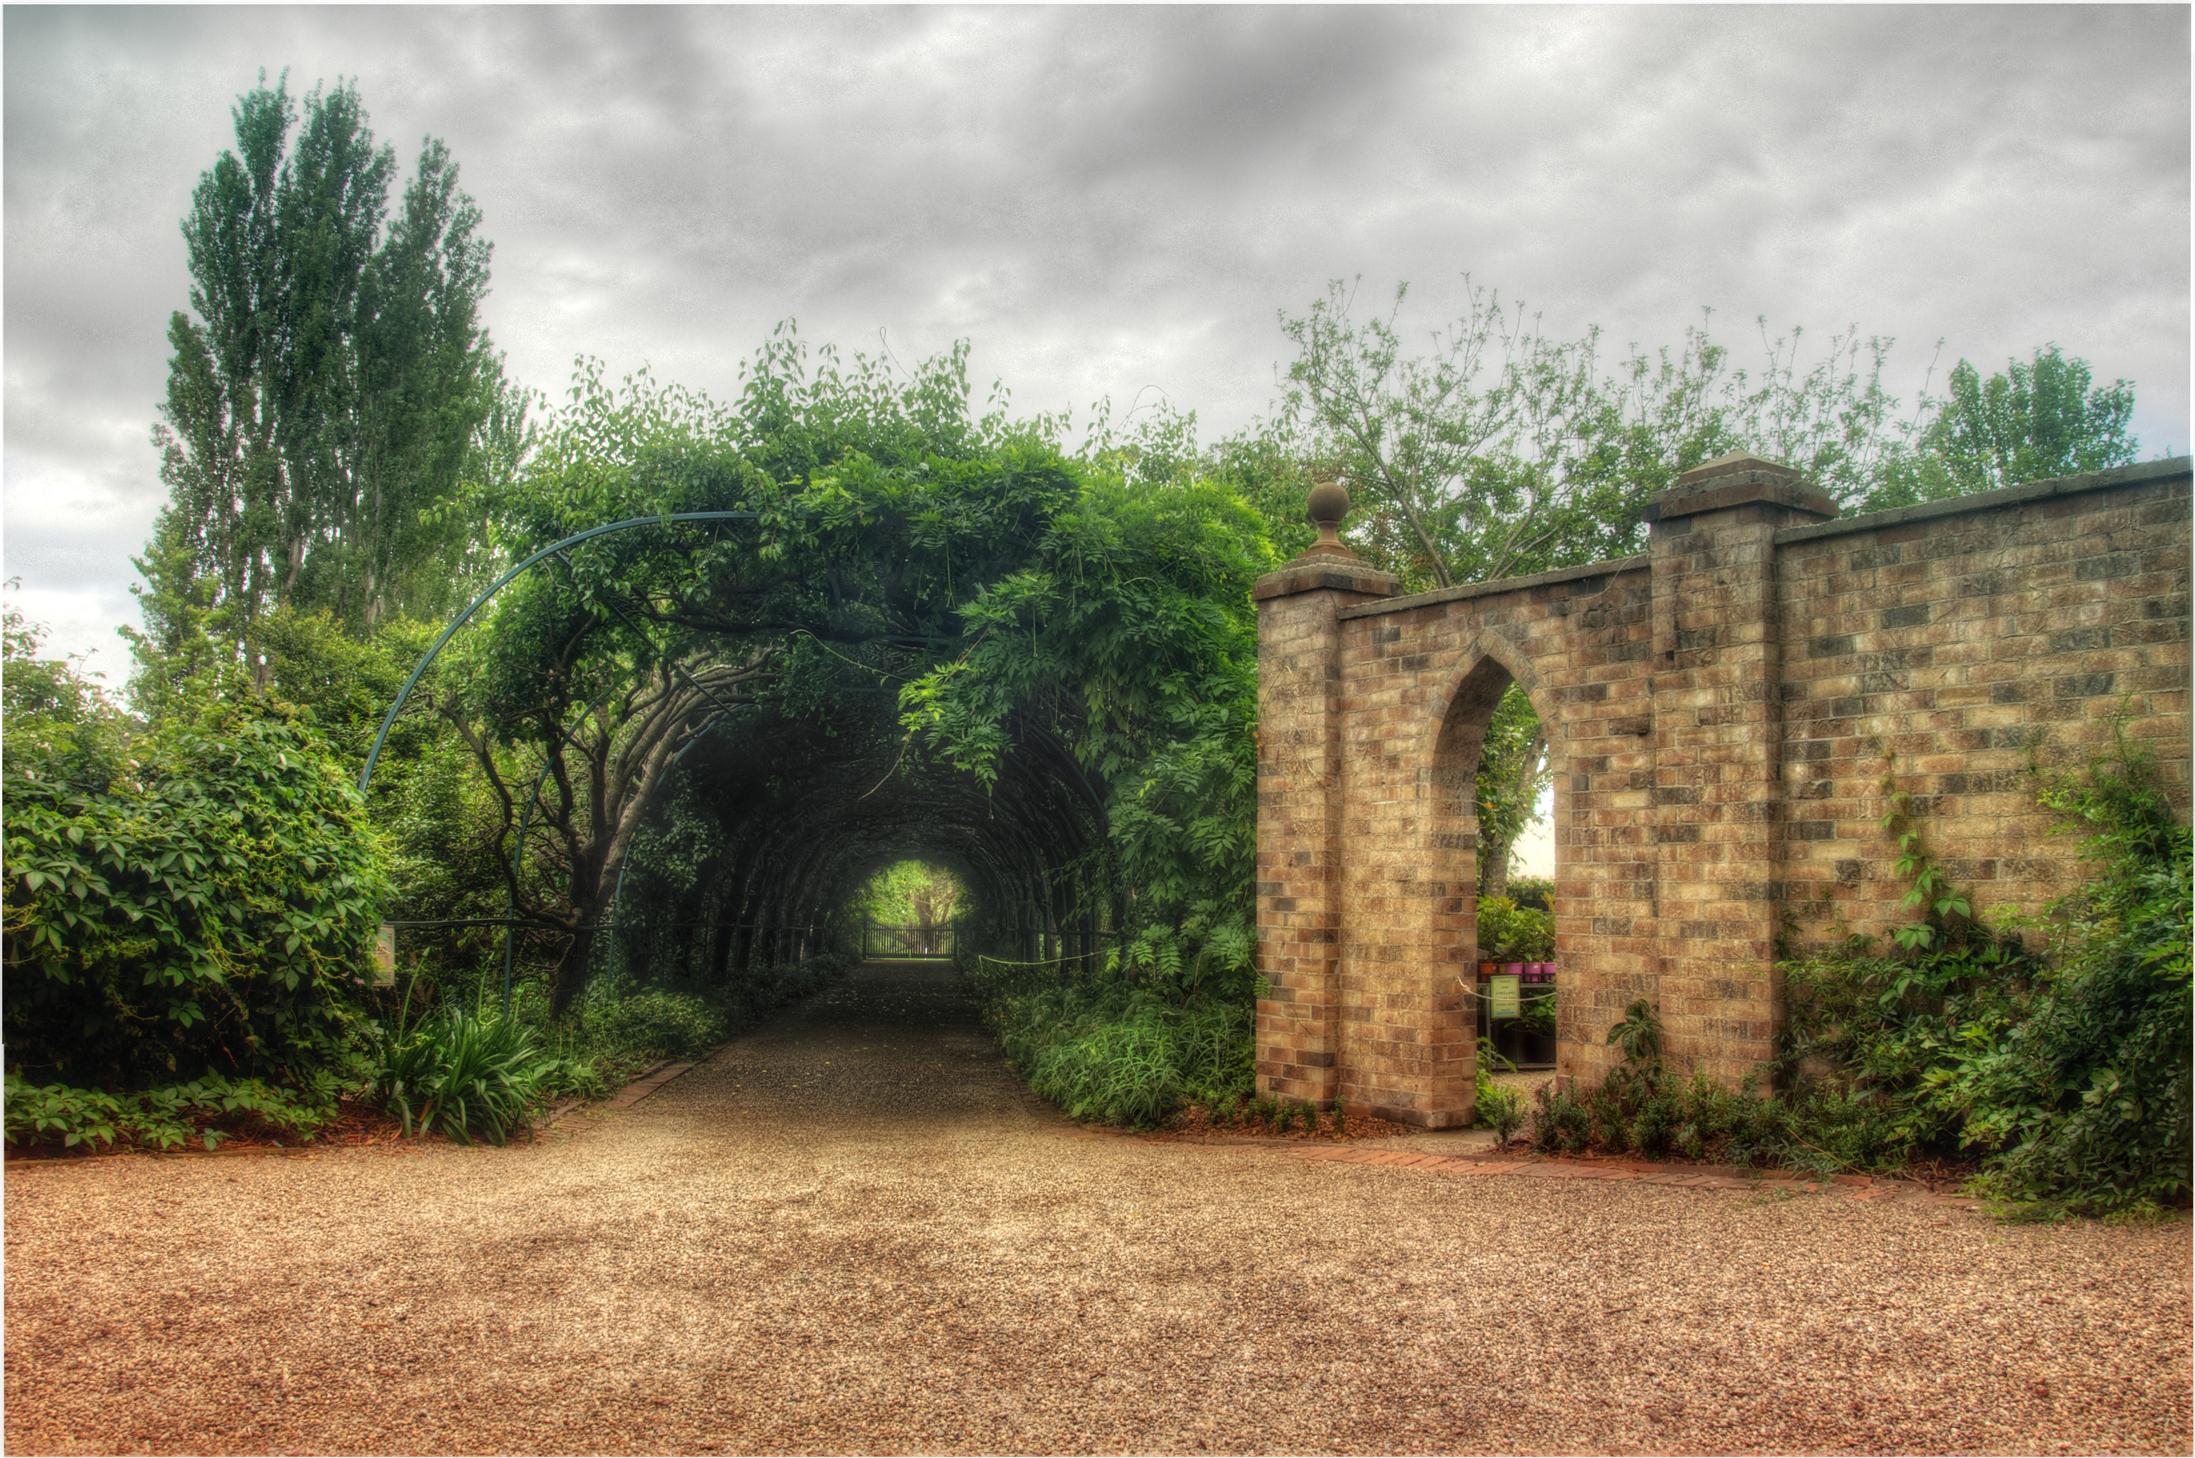 Foxglove Spires Arch